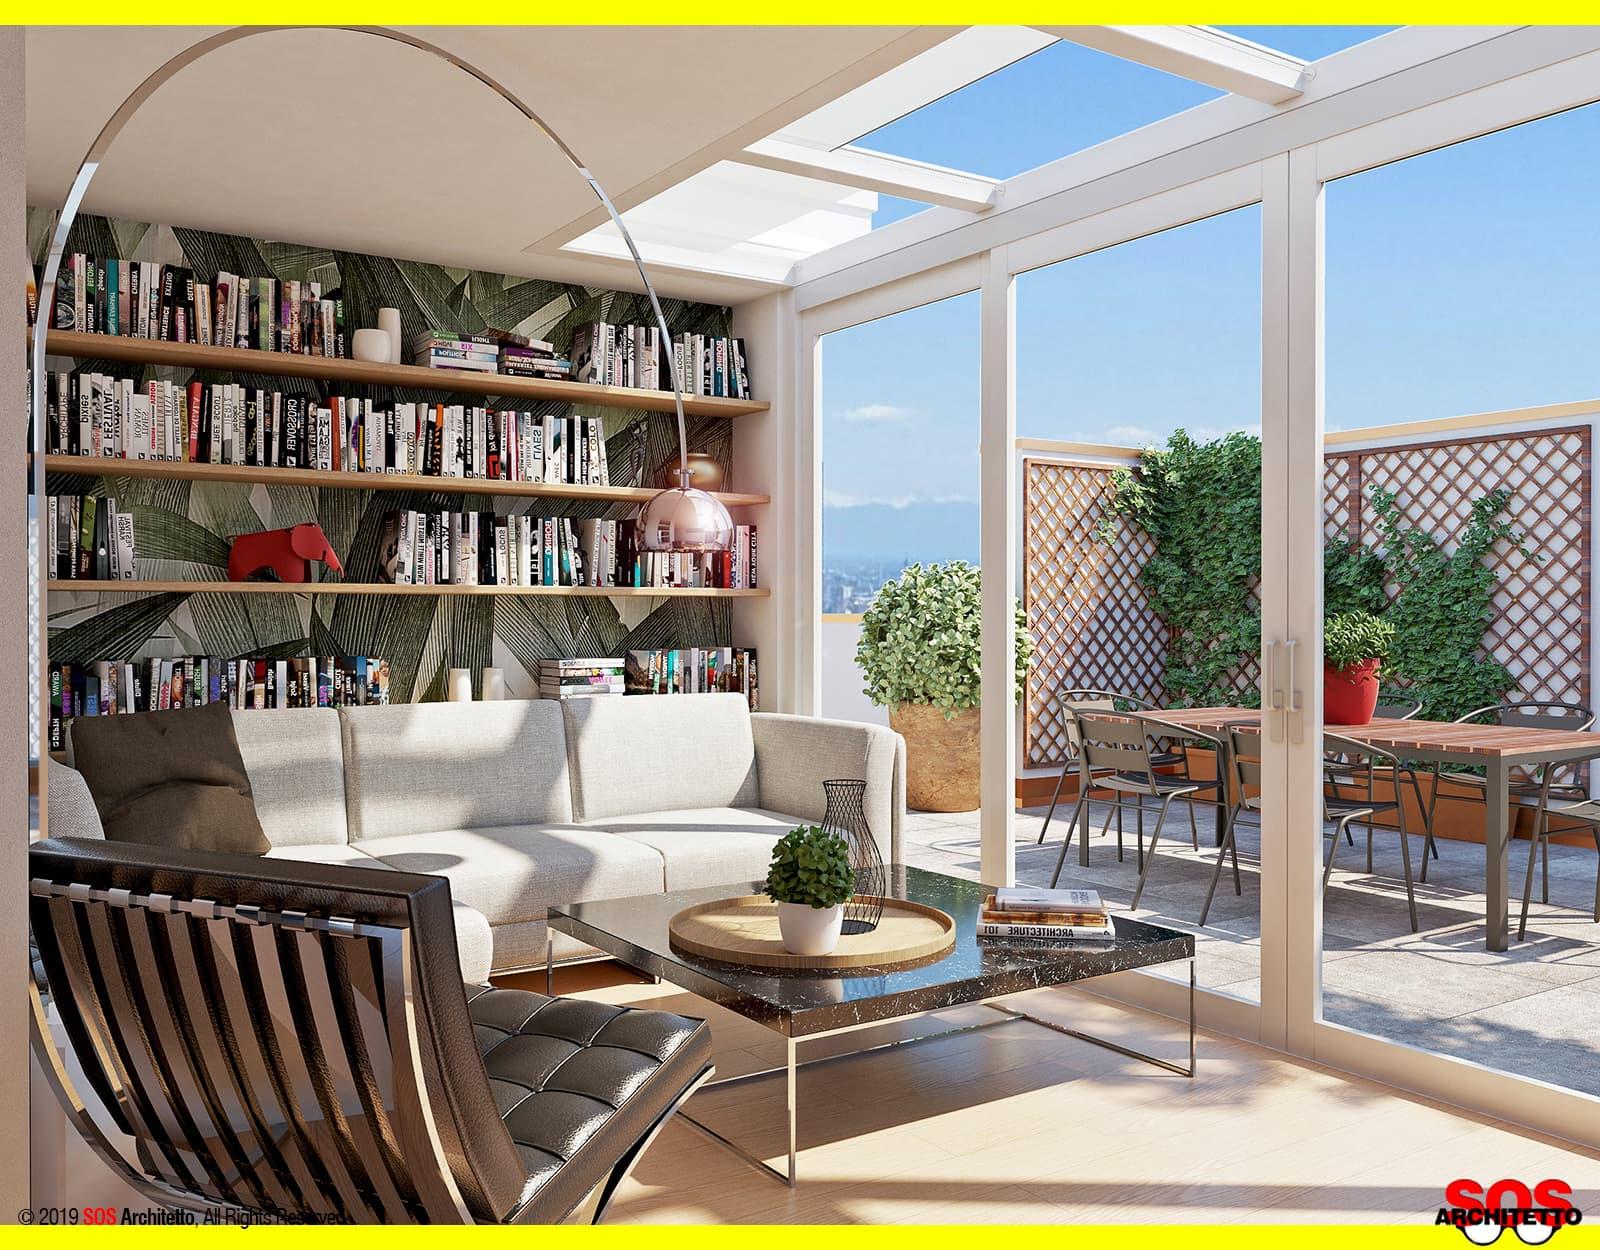 Coprire Terrazzo Con Veranda serra bioclimatica e veranda: differenze - sos architetto